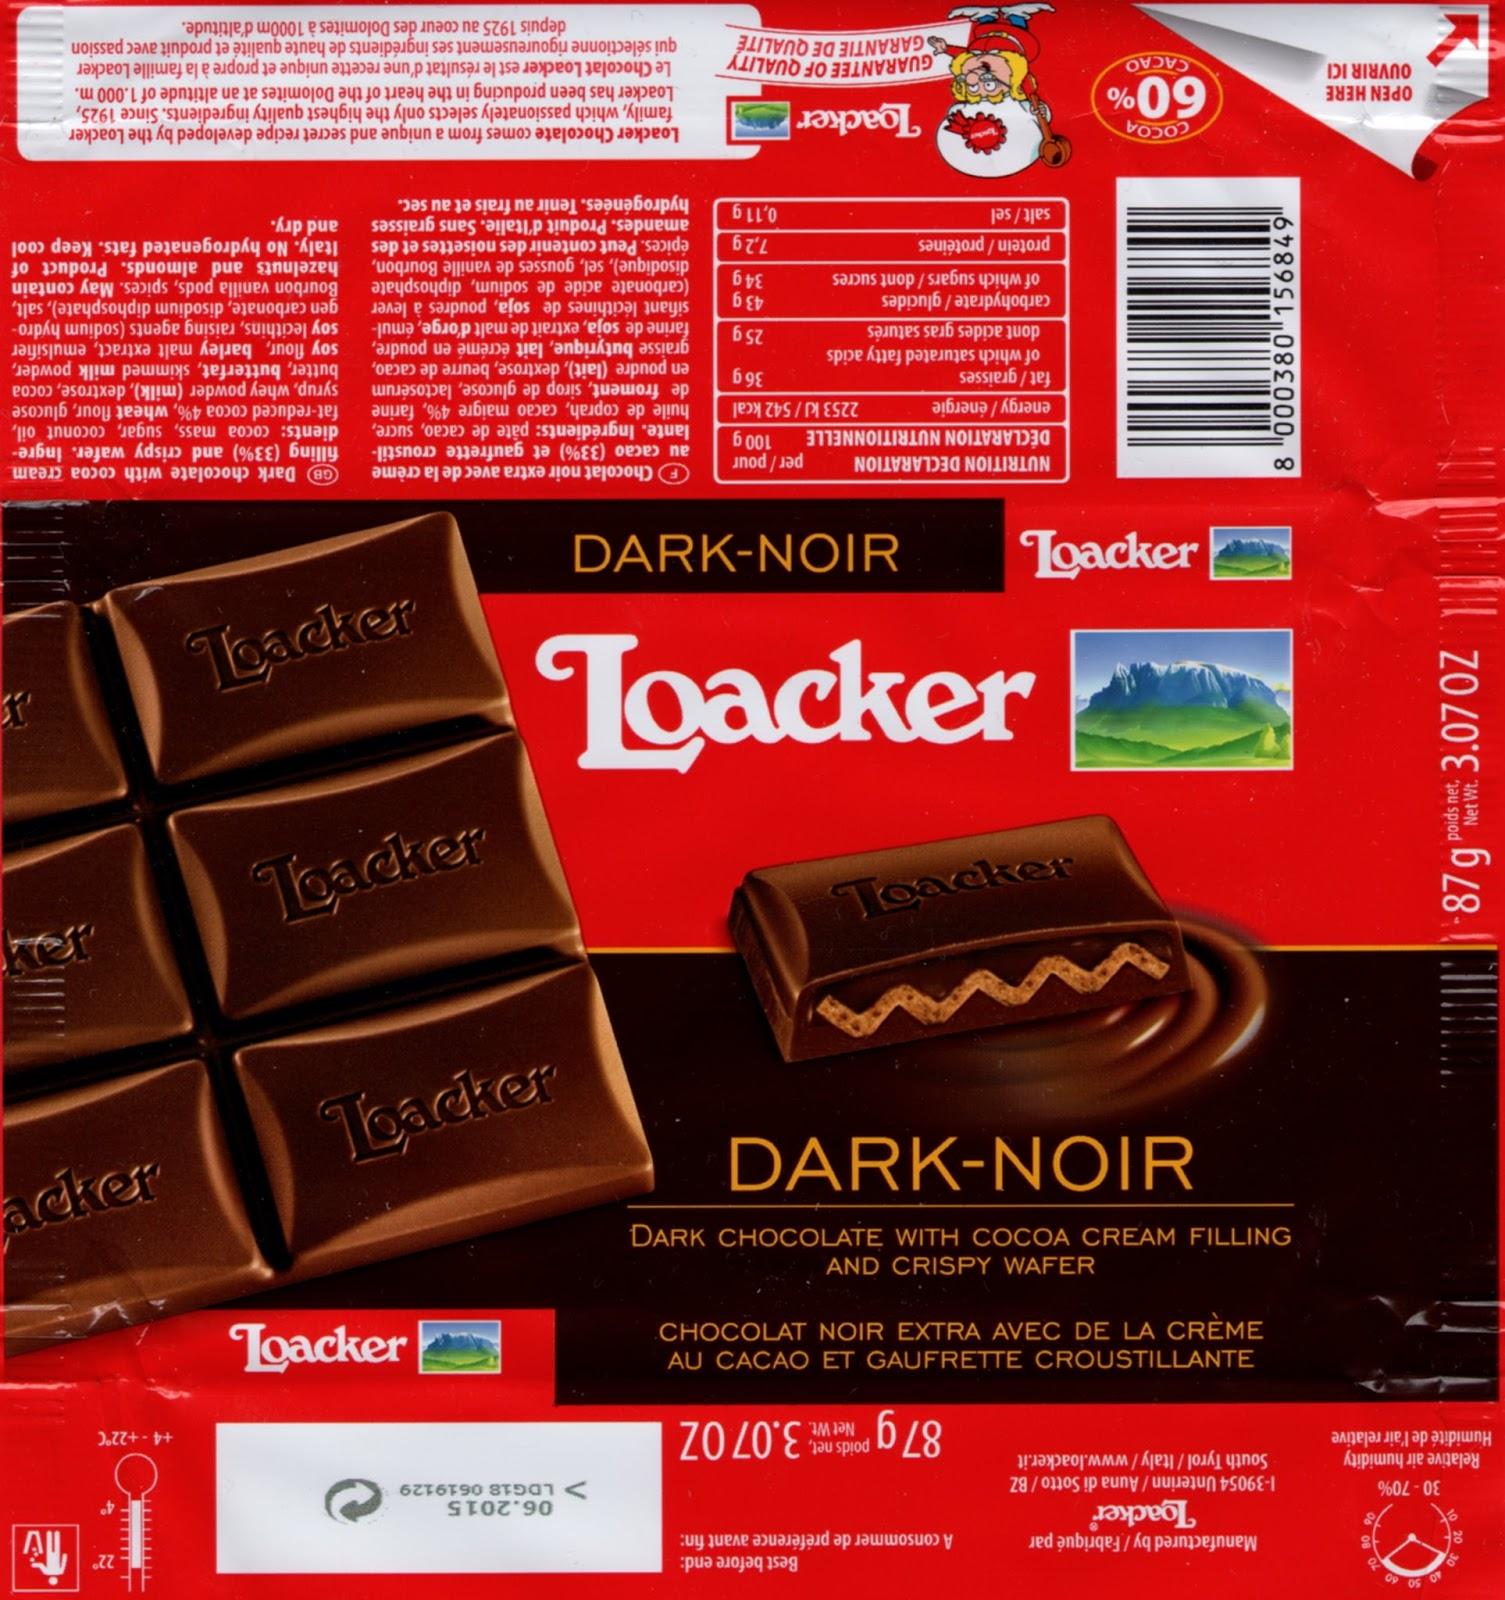 tablette de chocolat noir fourré loacker noir et gaufrette croustillante